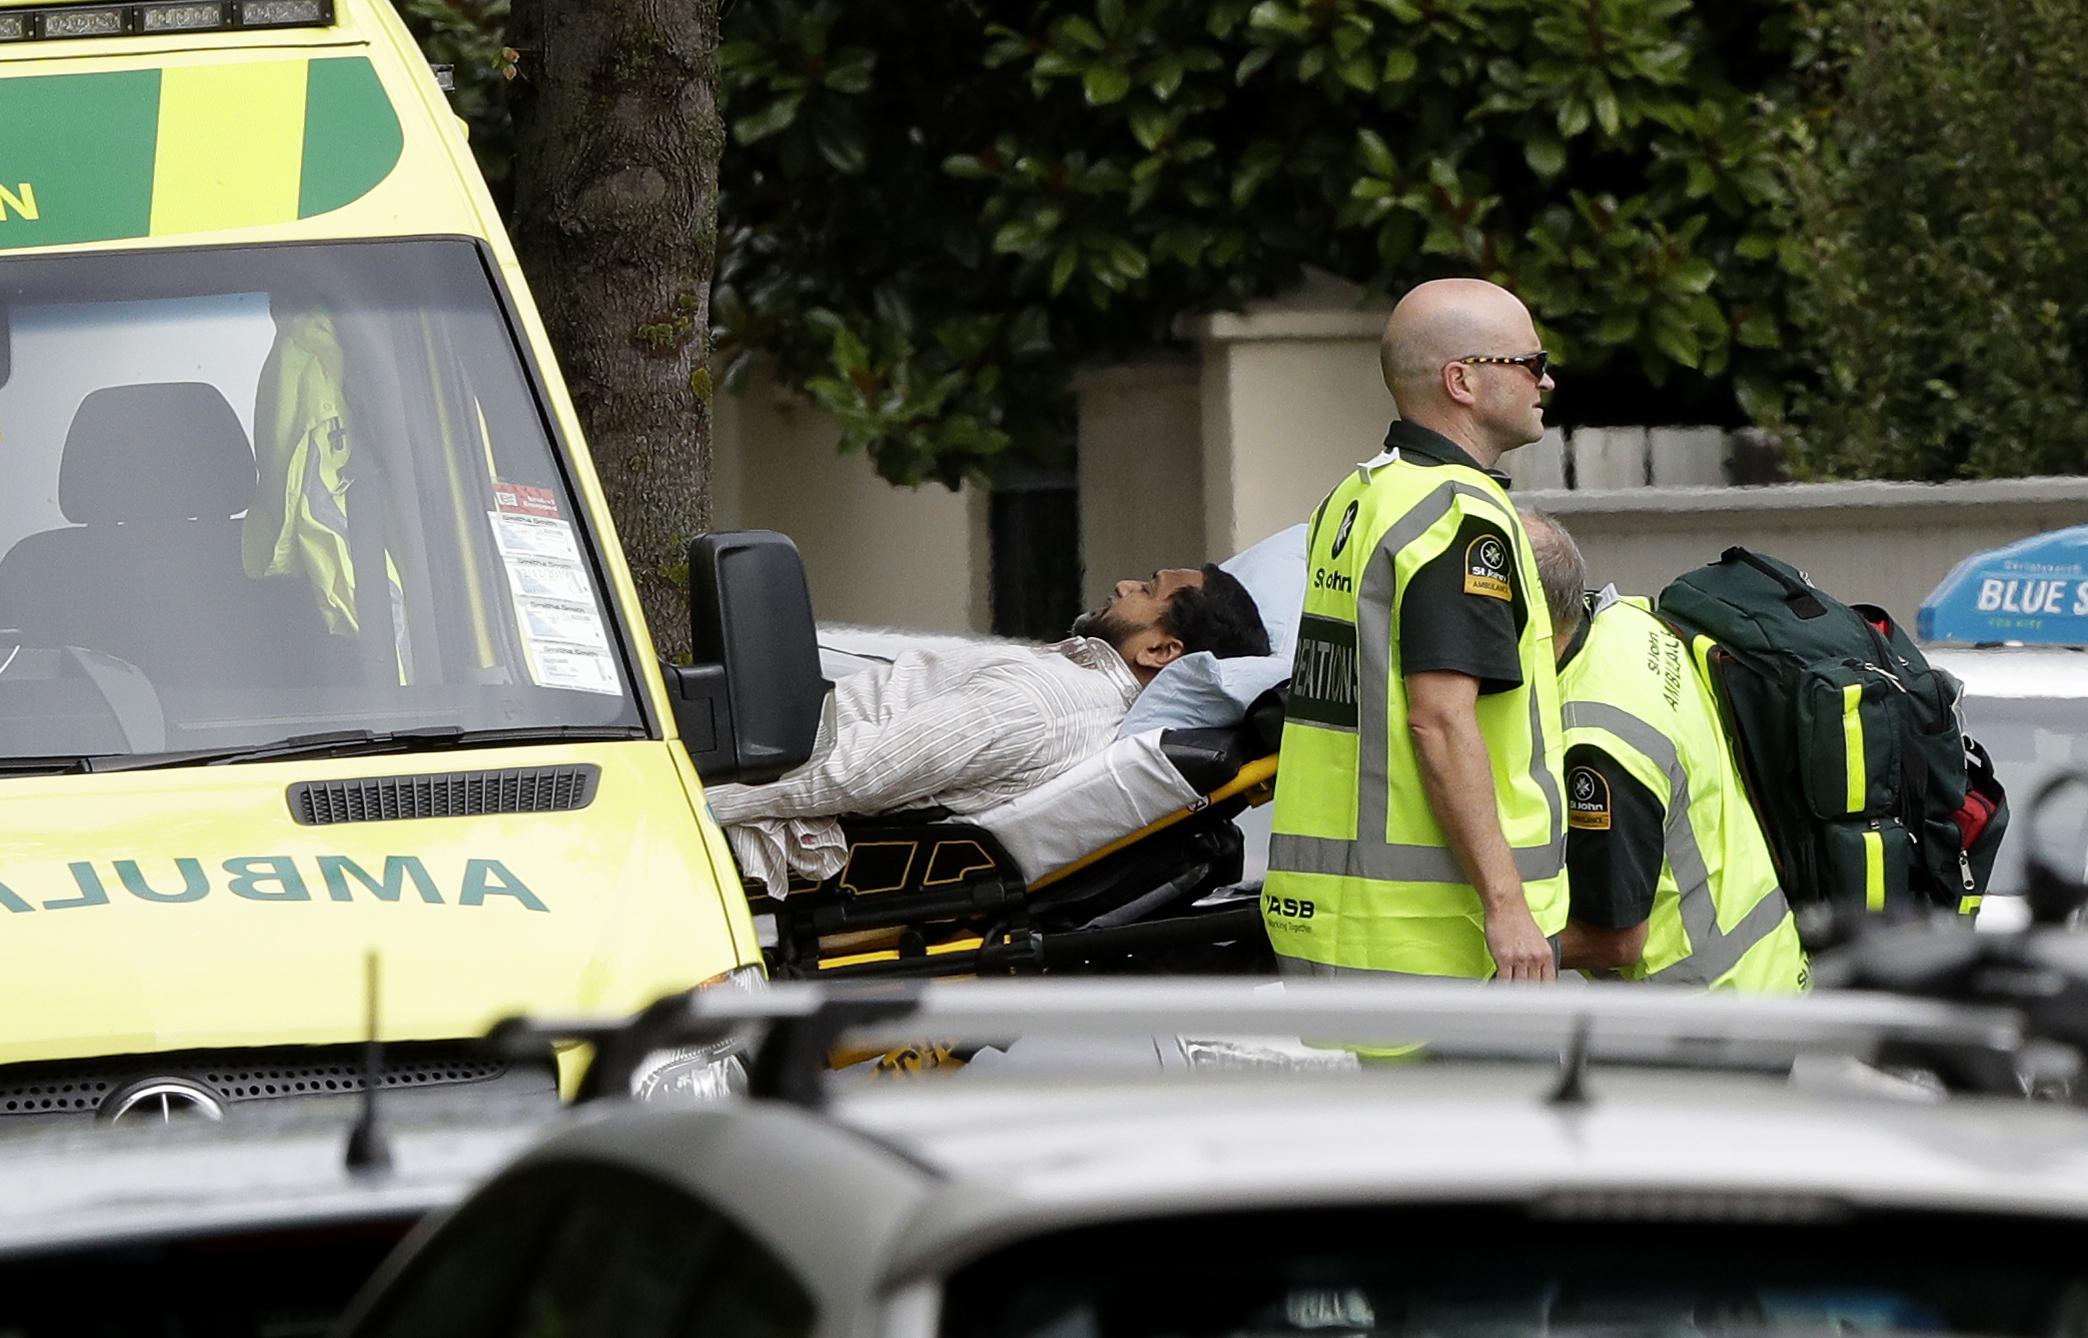 枪手闯进纽西兰清真寺朝人群开枪,图为一名伤者被送上救护车。(美联社)